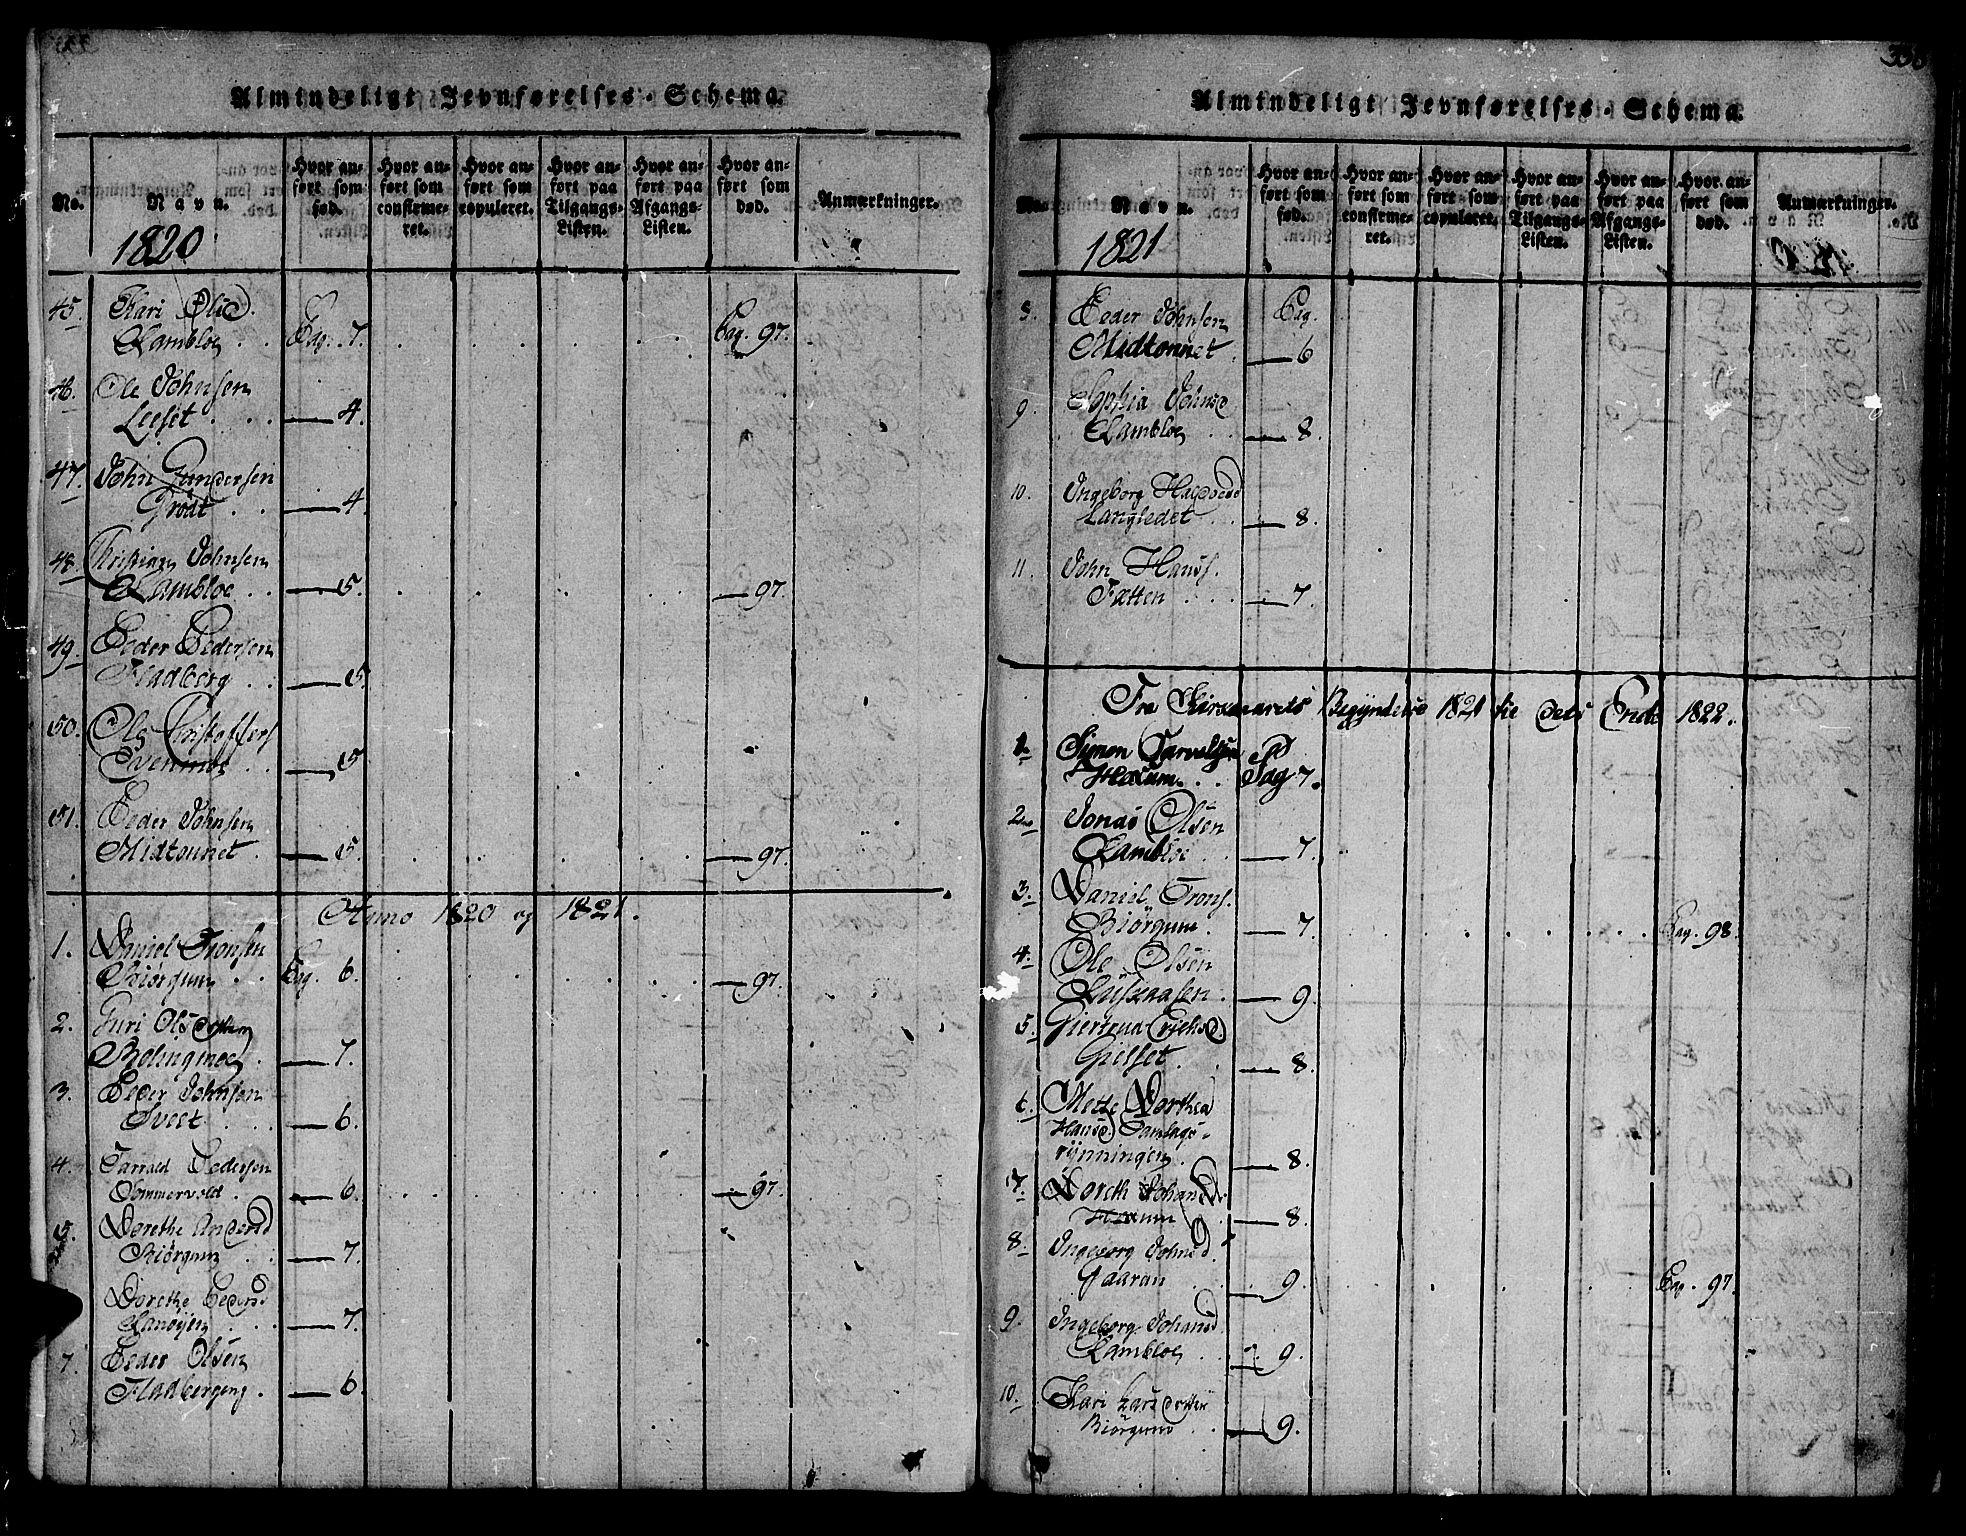 SAT, Ministerialprotokoller, klokkerbøker og fødselsregistre - Sør-Trøndelag, 685/L0954: Ministerialbok nr. 685A03 /1, 1817-1829, s. 338